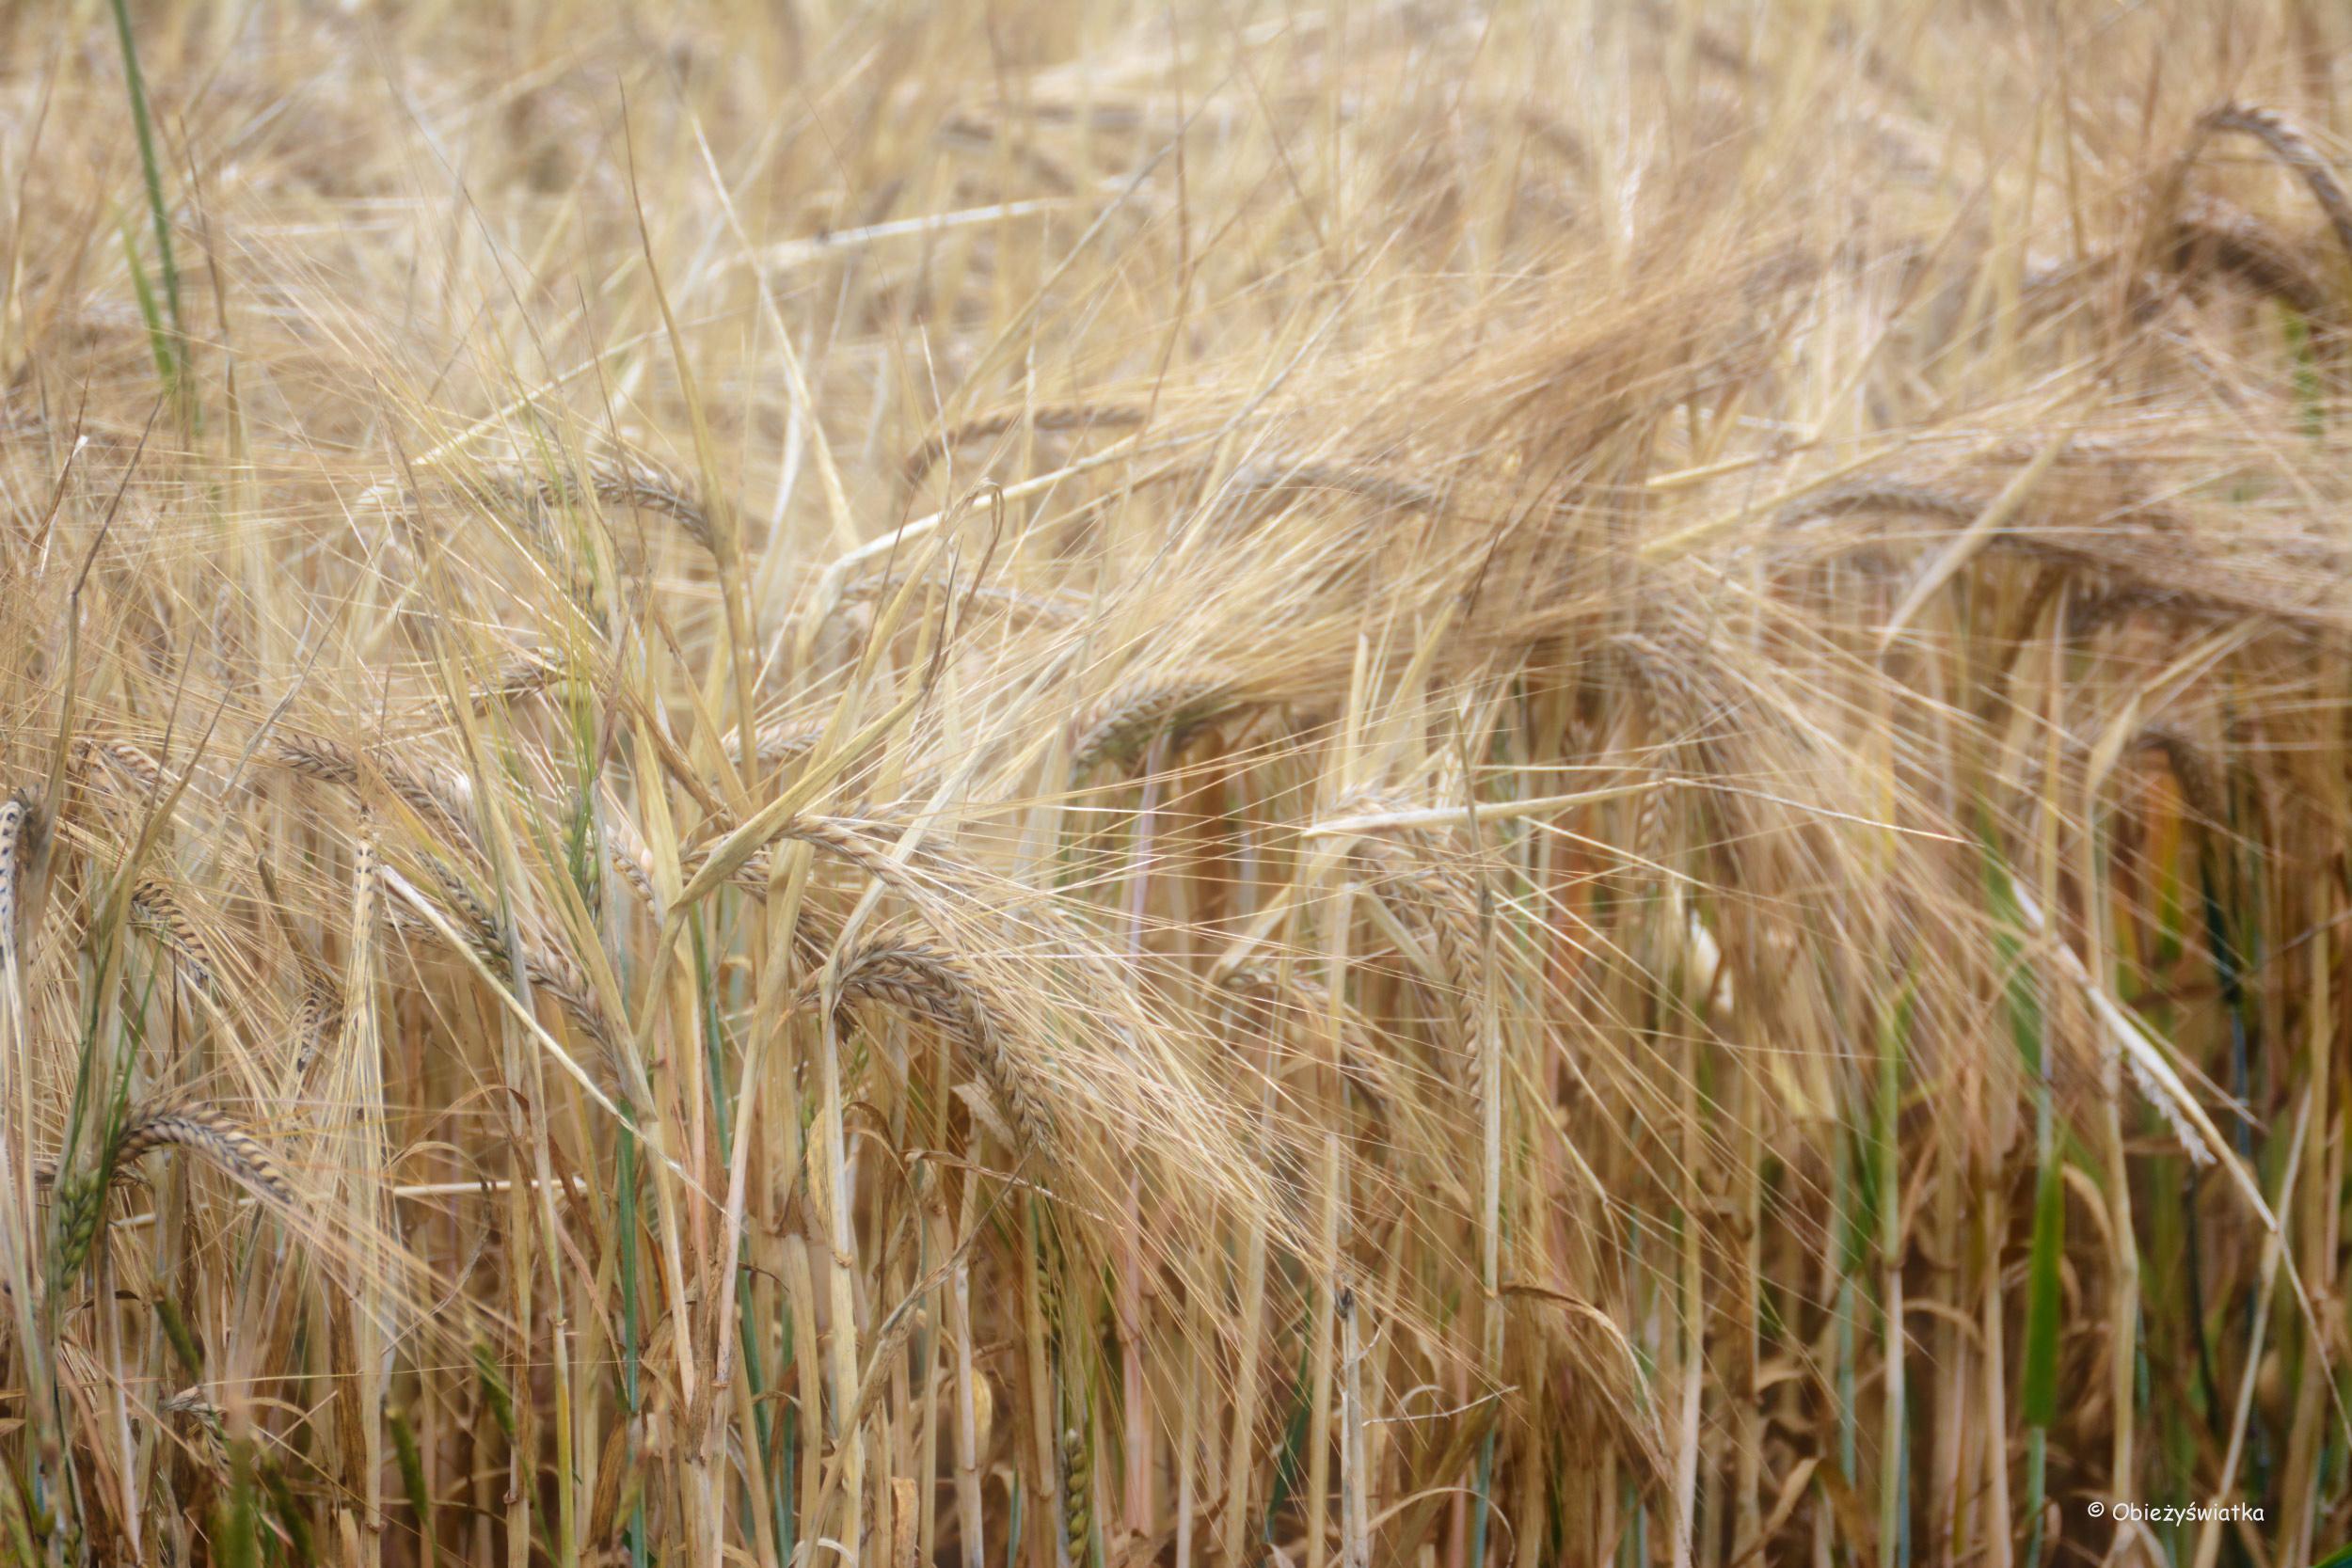 Wyzłacane pola - Tudeley, Wielka Brytania